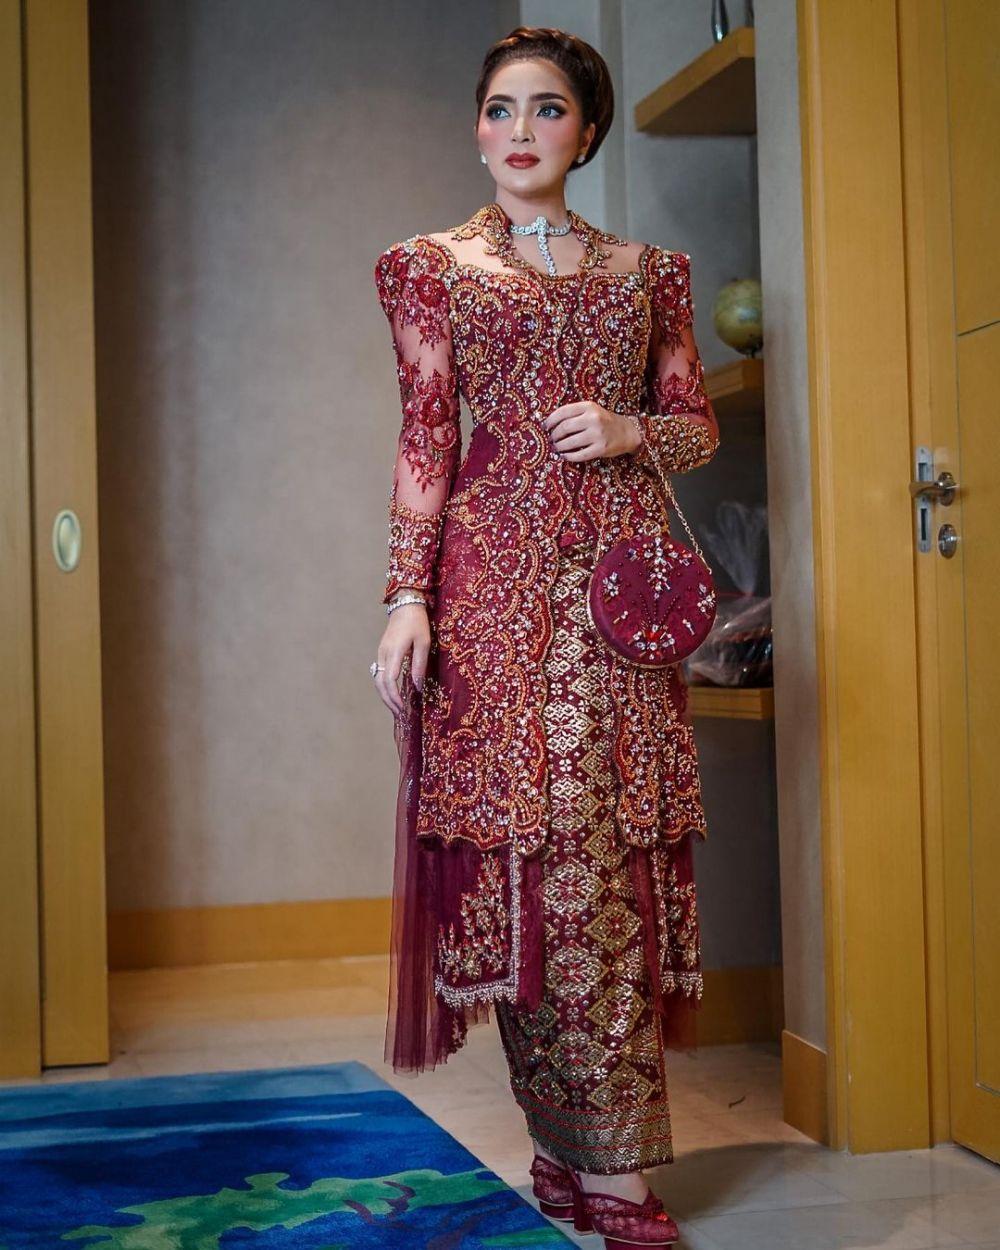 gaya ashanty pakai kebaya di berbagai acara © Instagram